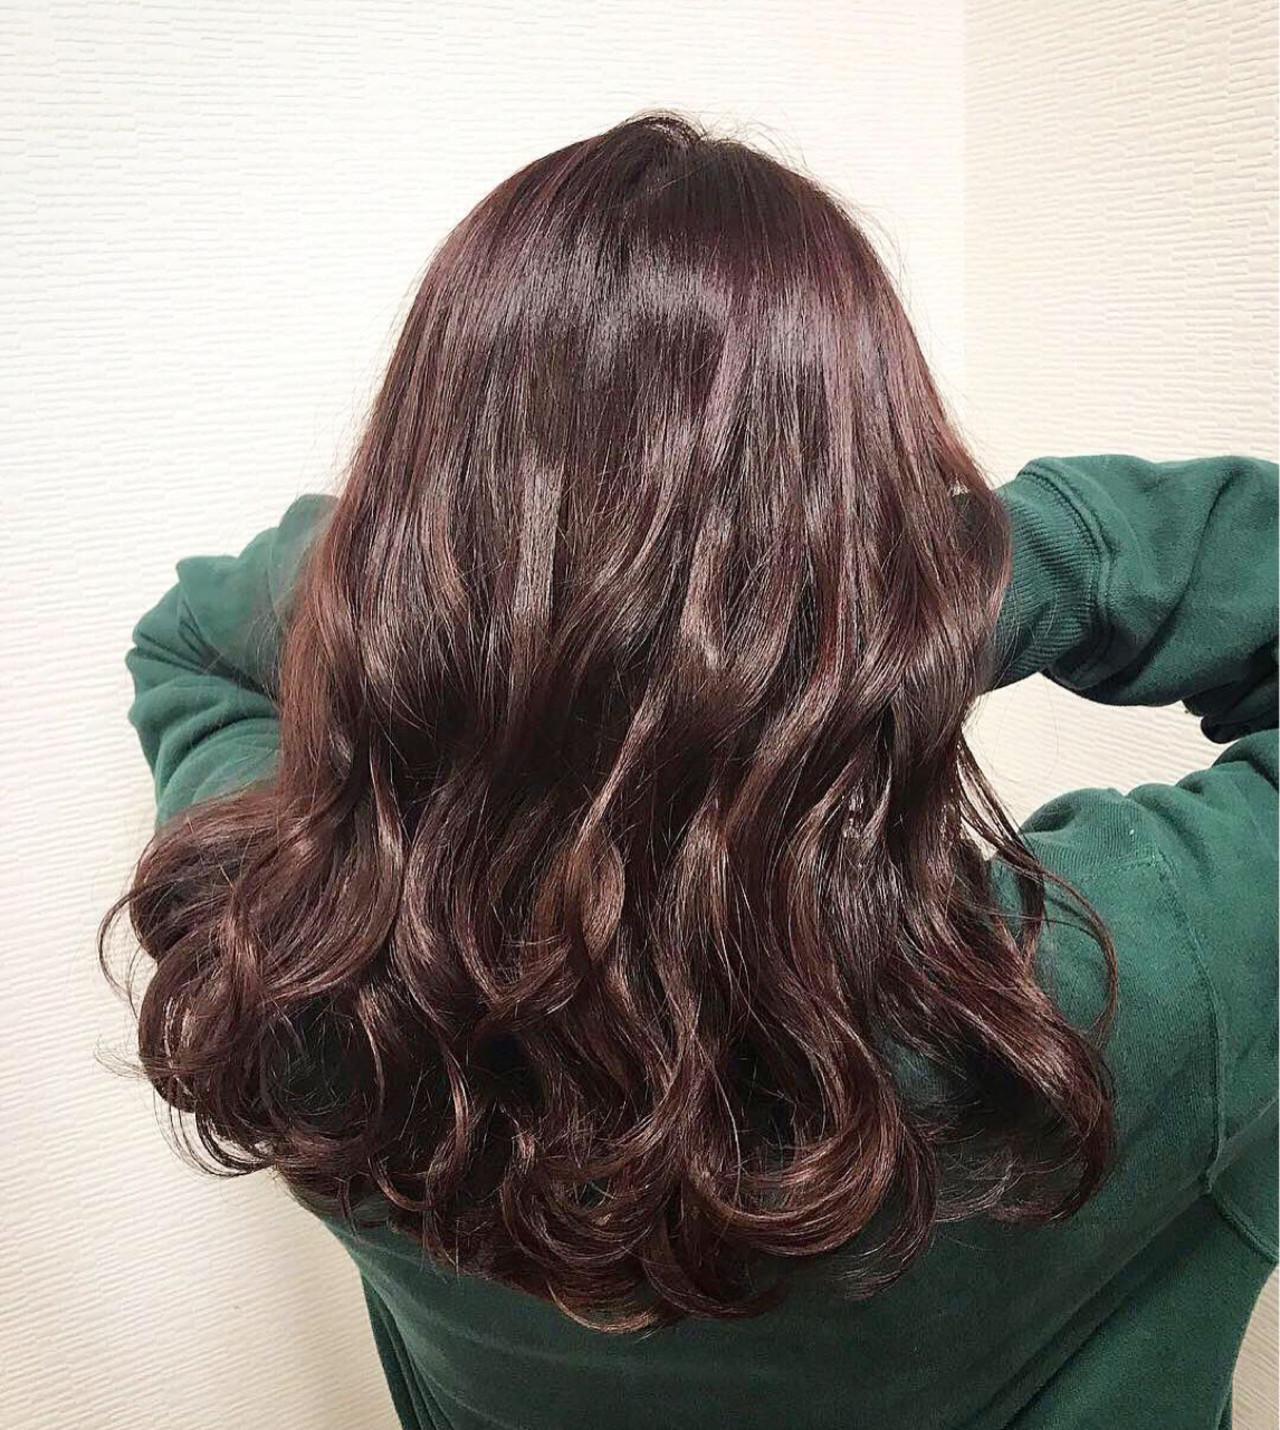 セミロング ゆるふわ デート こなれ感 ヘアスタイルや髪型の写真・画像 | Rina / HairxCafe KUMA